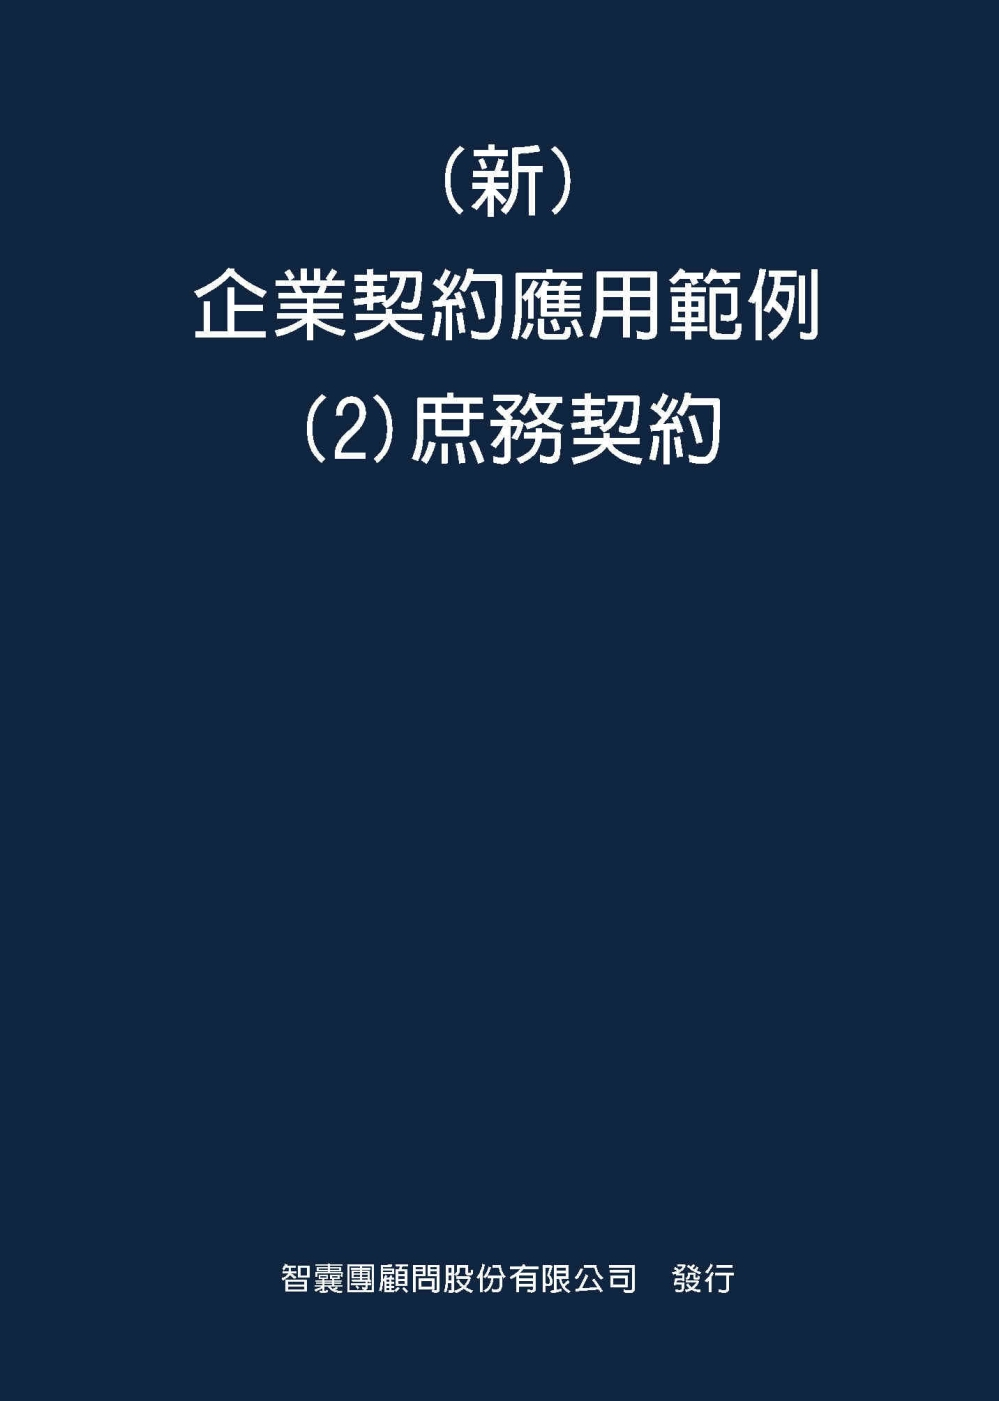 新 企業契約應用範例(2)庶務契約